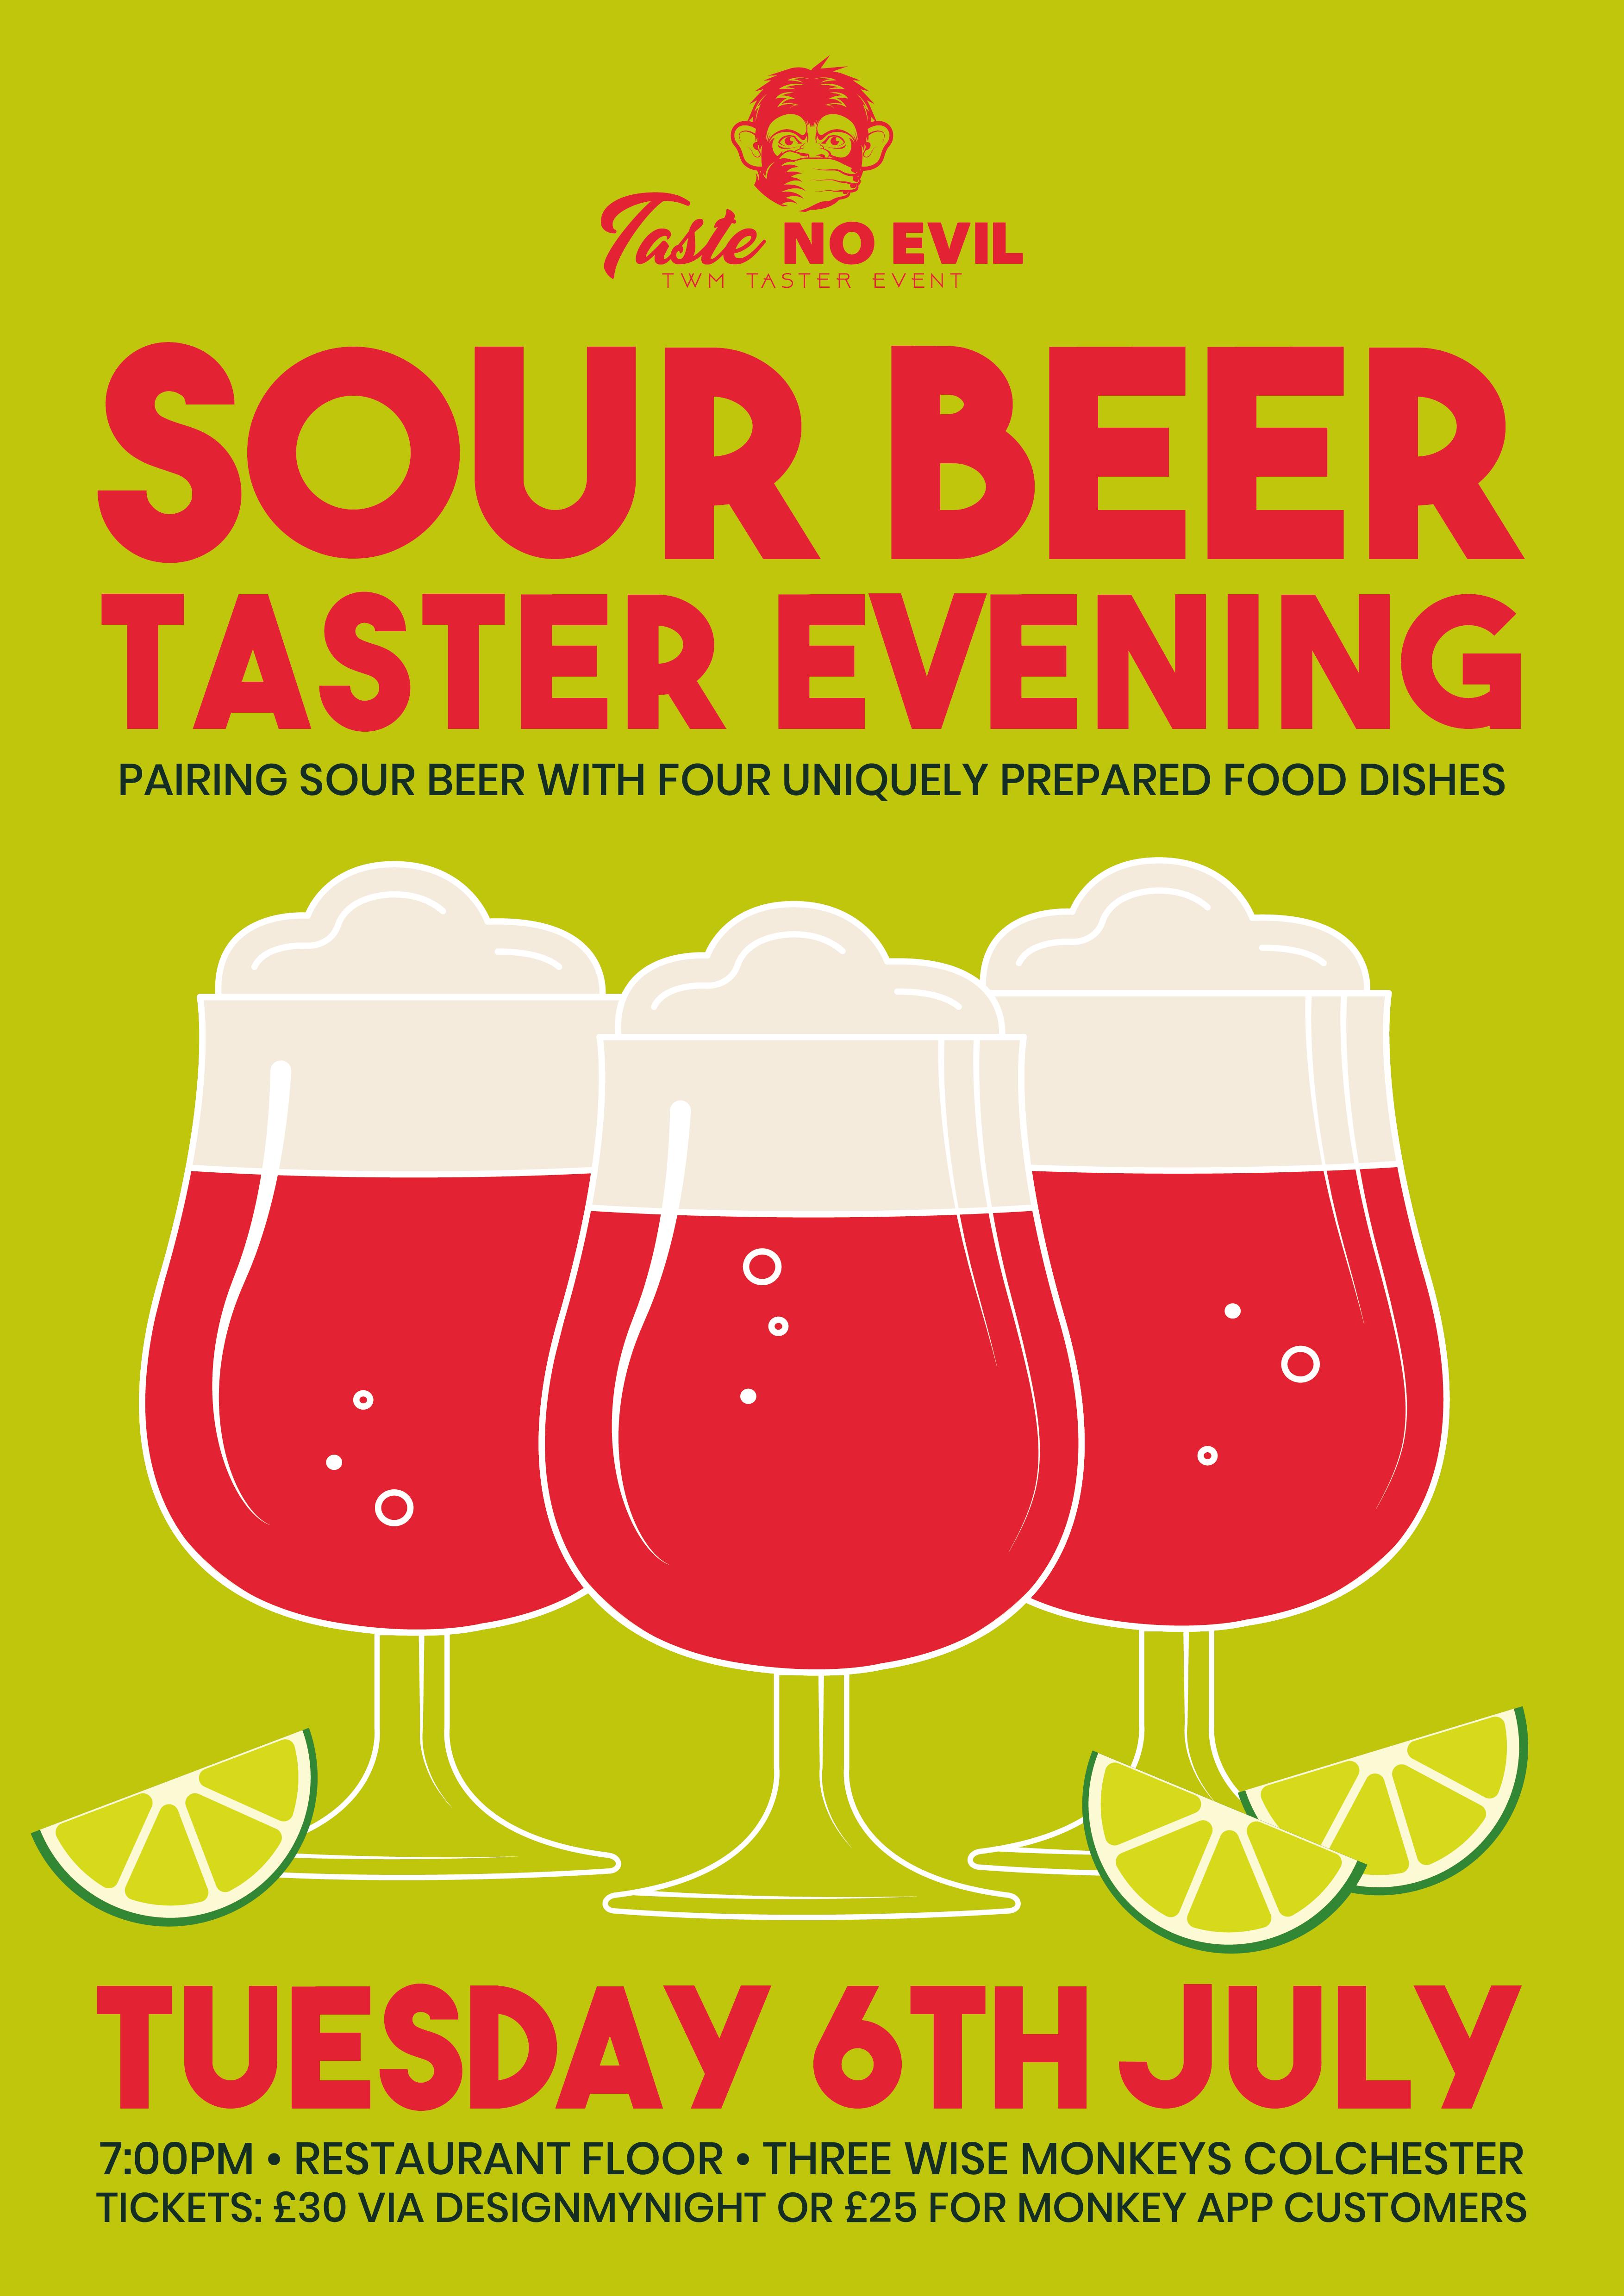 Sour Beer Taster Evening